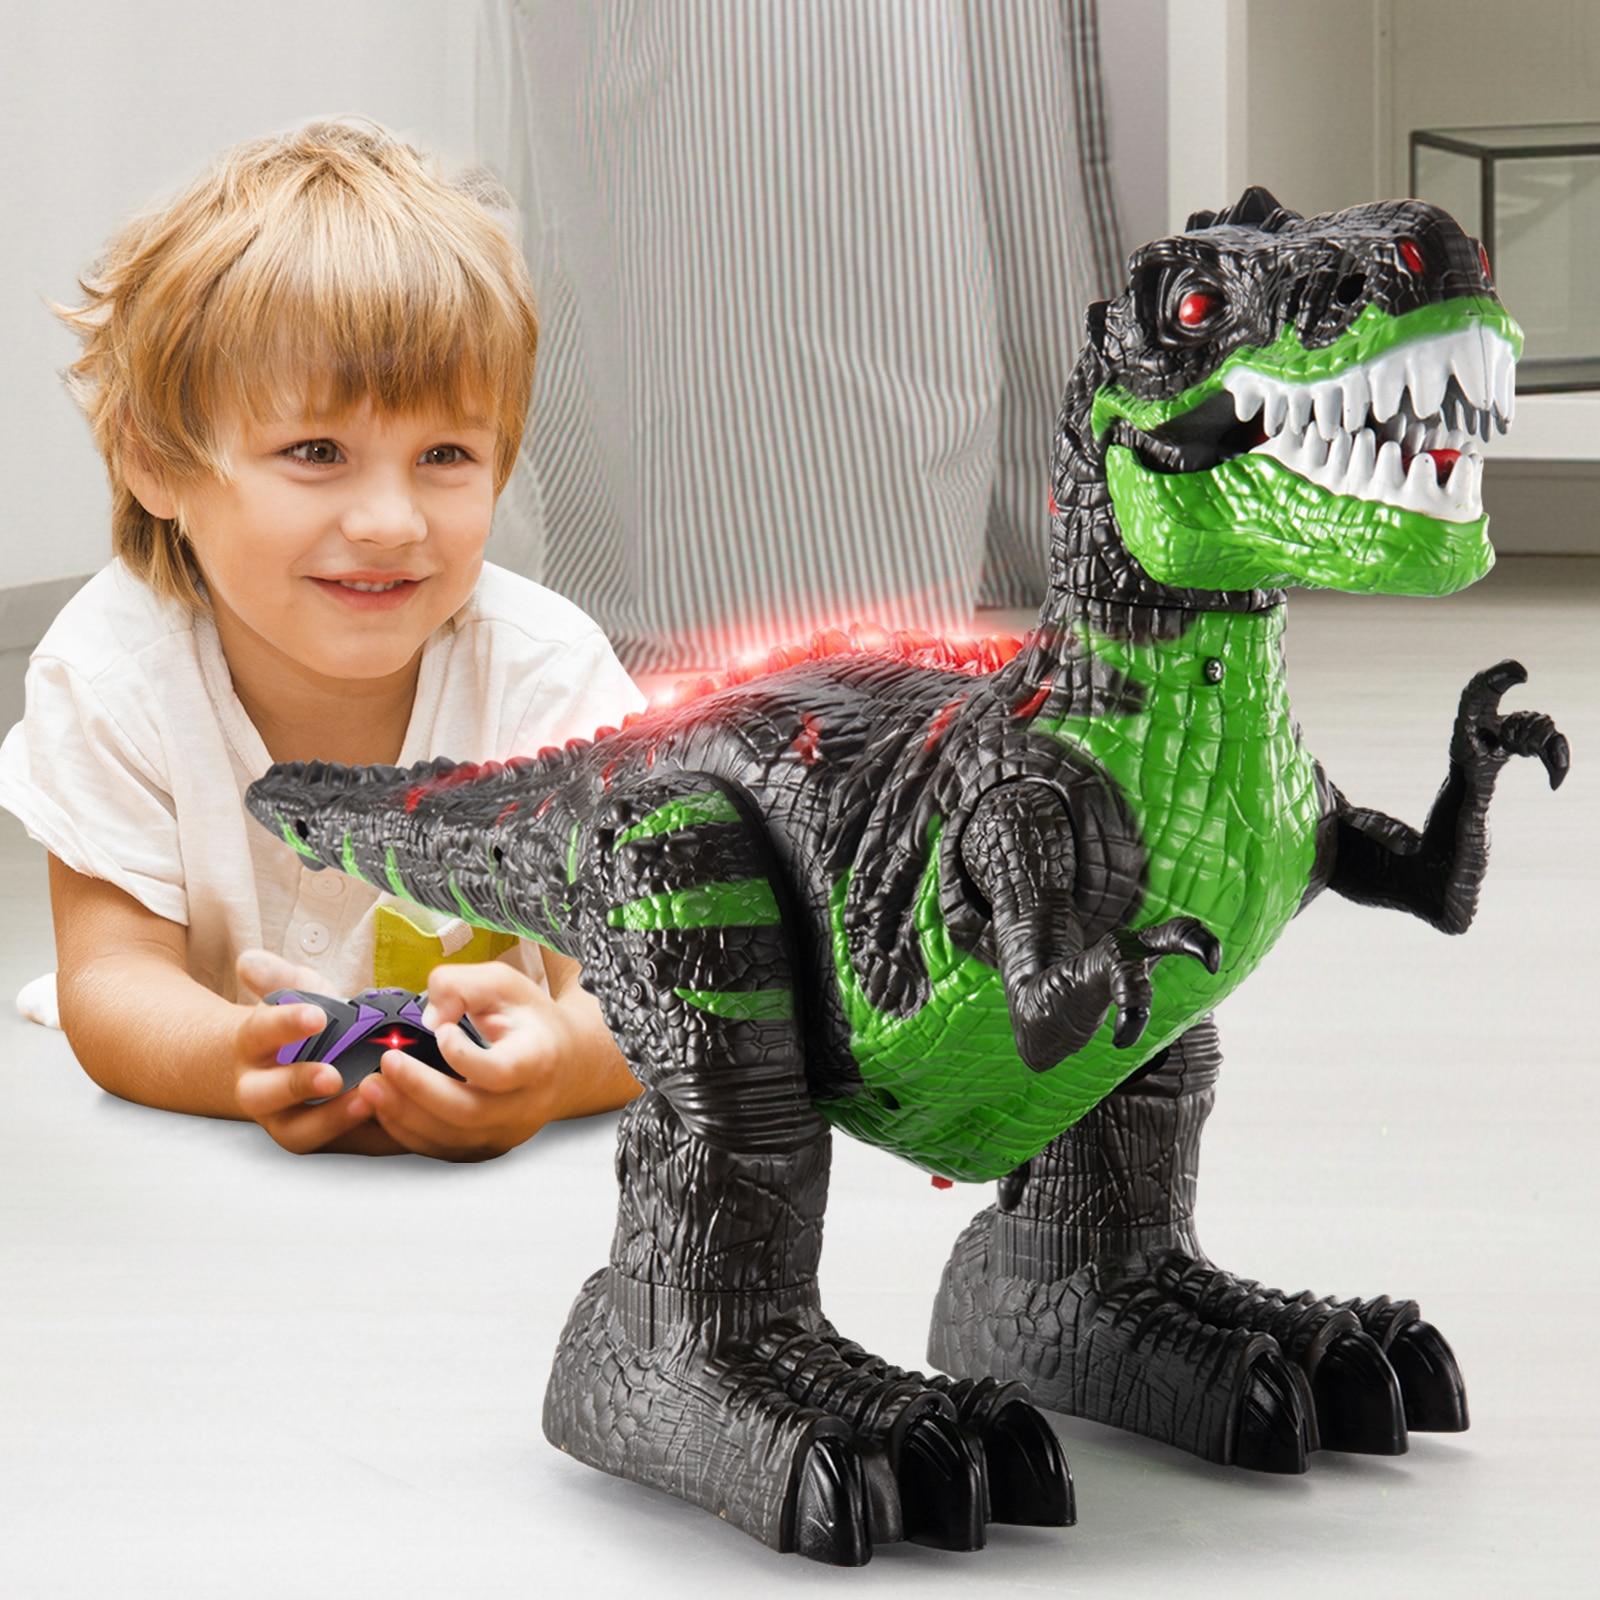 Пульт дистанционного управления Управление динозавры Электрический робот звук светильник игрушка земляных работ